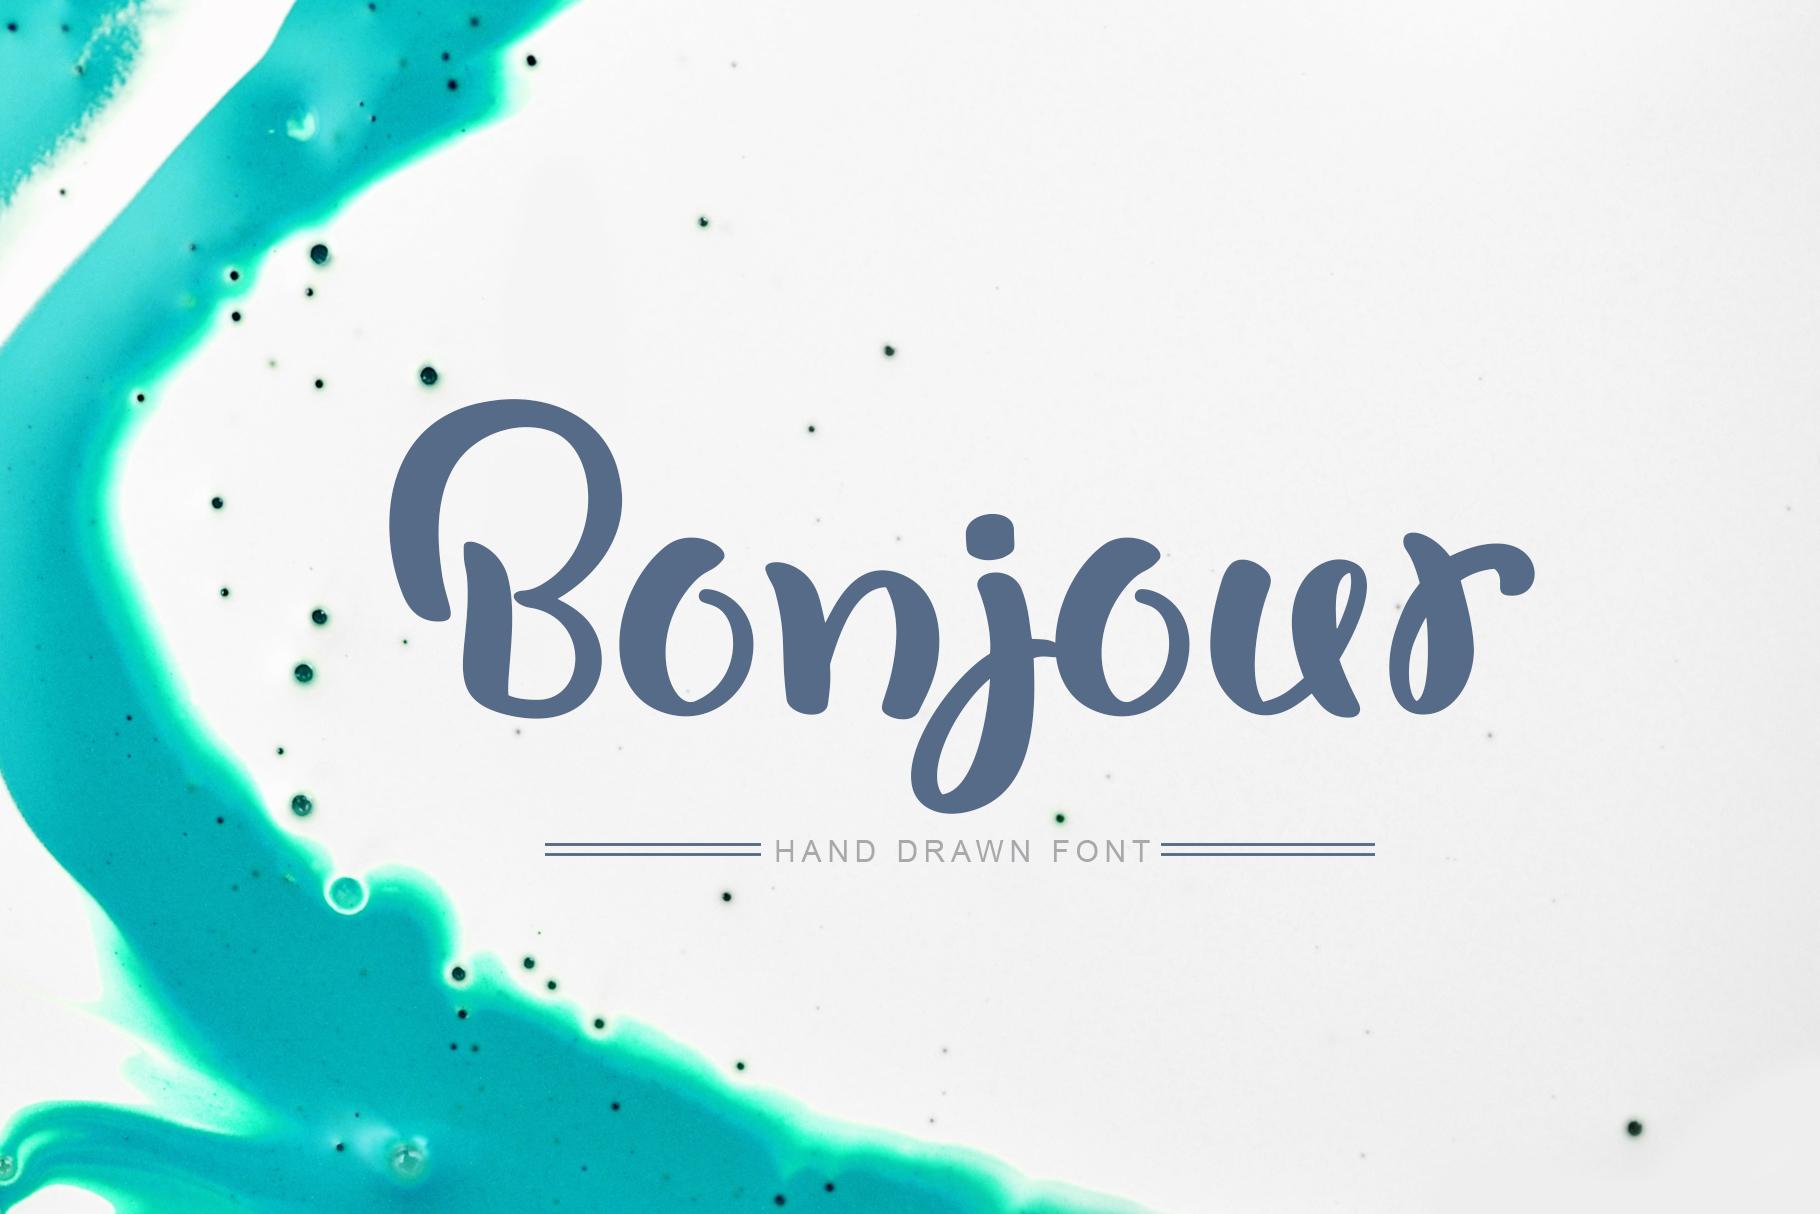 Bonjour Tall Handwritten Font 2020 - title01 4